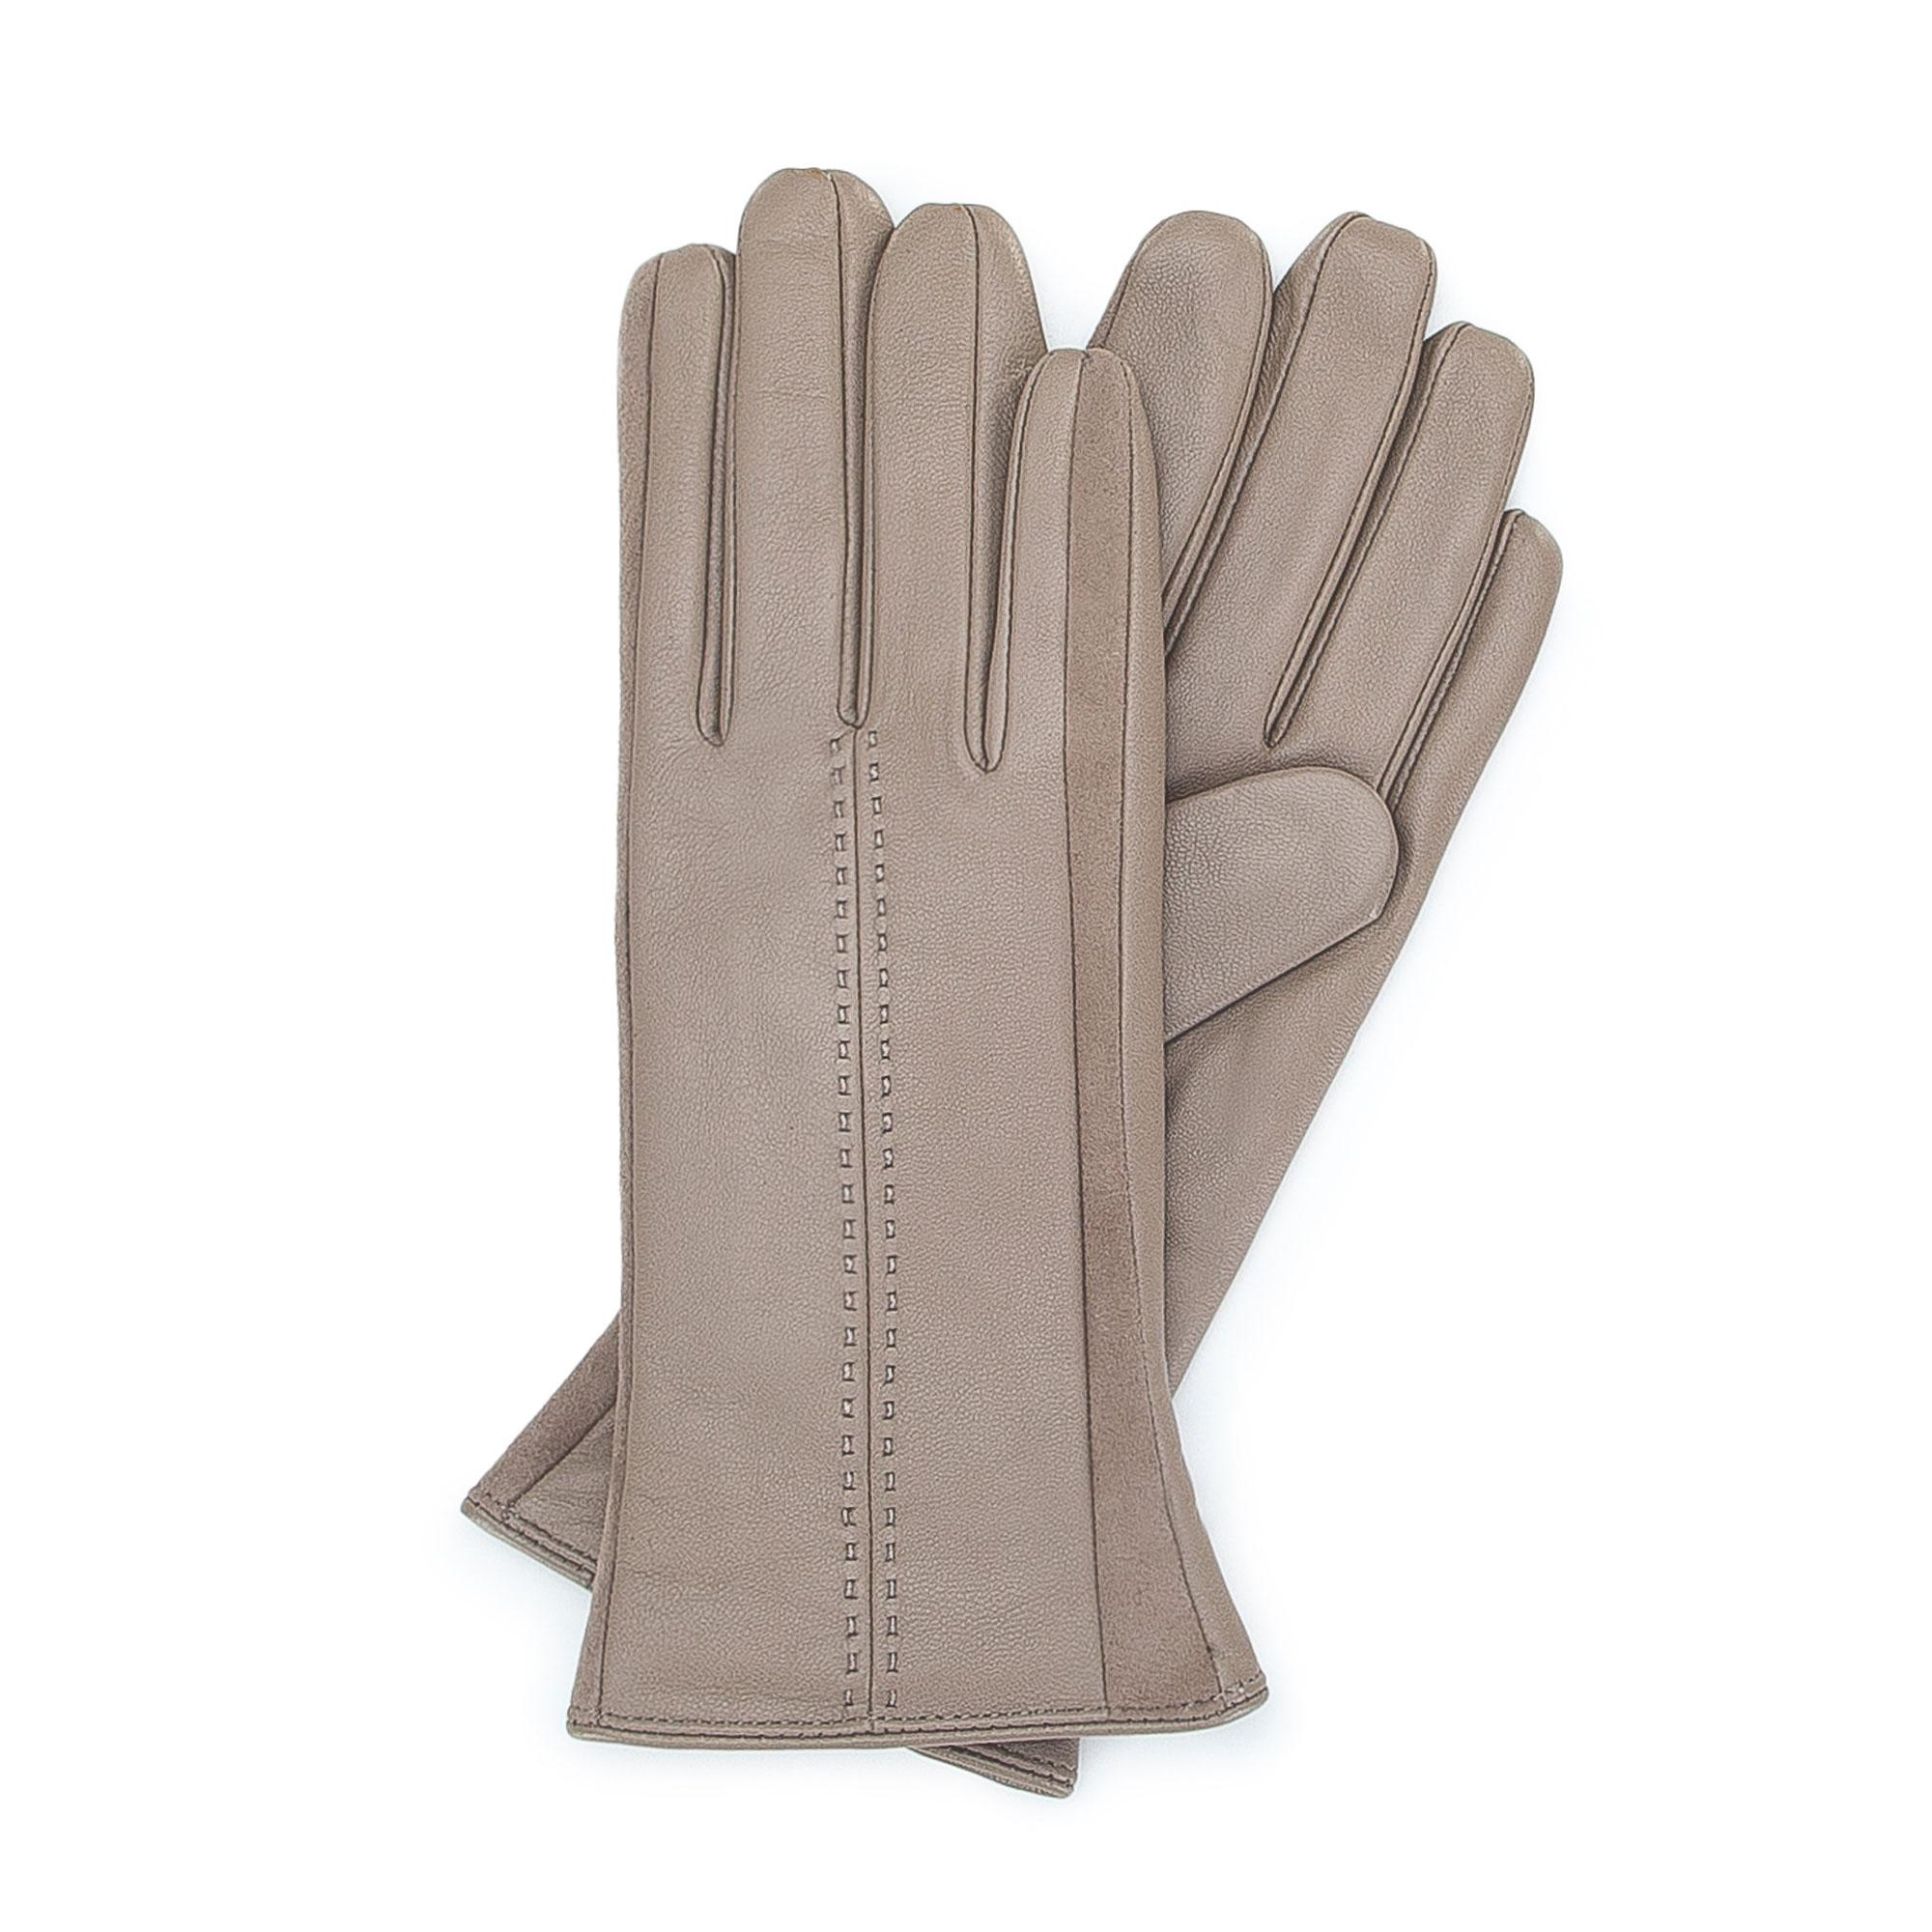 3103da3119b6bd Wärmende Damenhandschuhe aus echtem Leder WITTCHEN | 39-6-559 | WITTCHEN